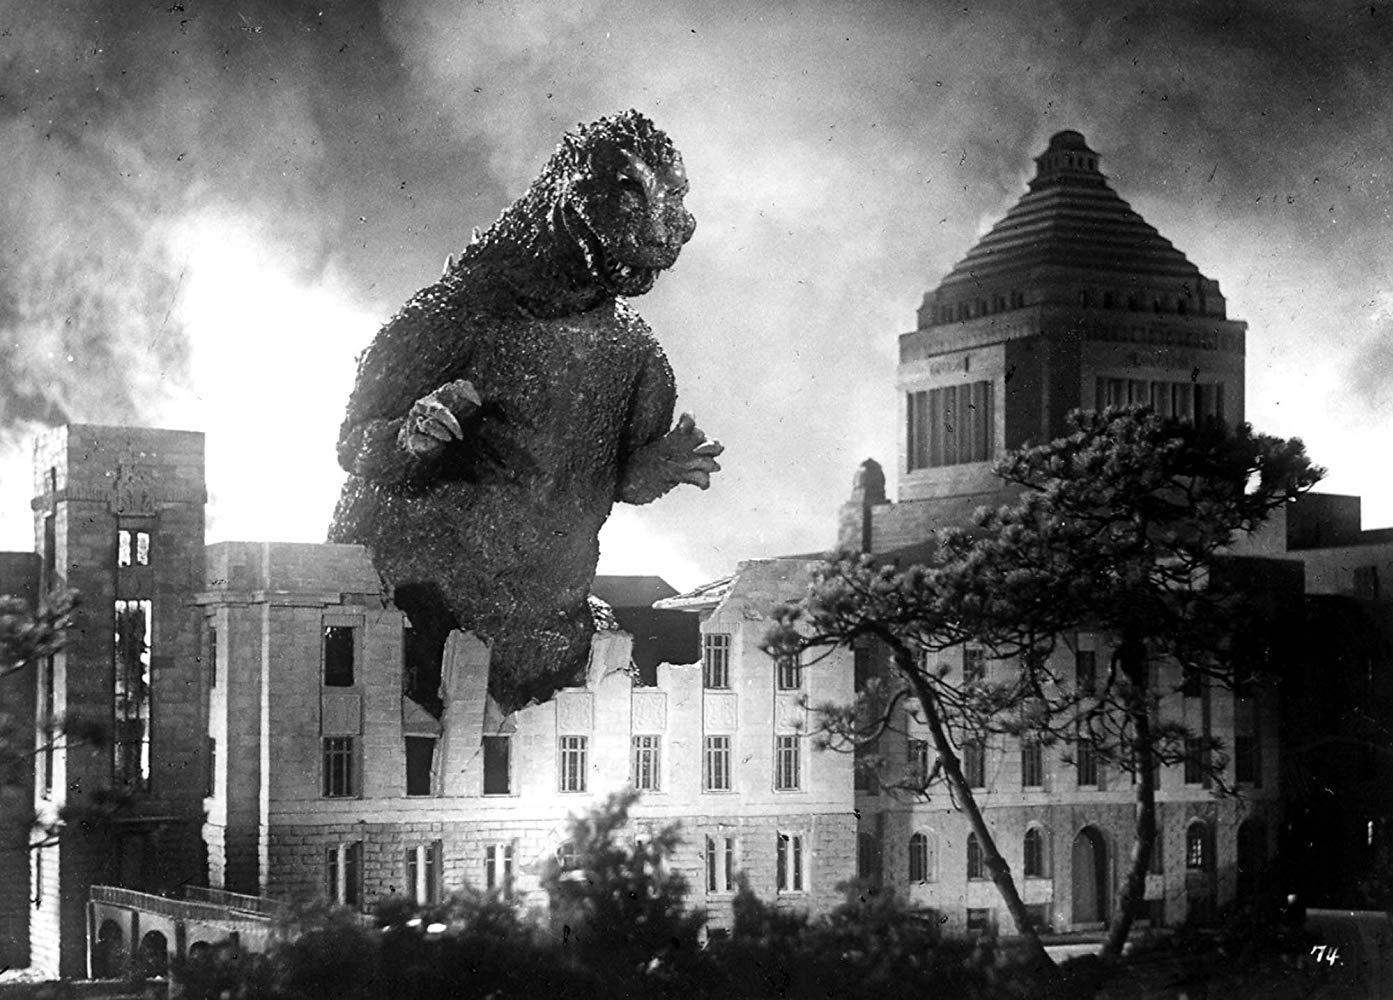 1954 年 11 月 3 日上映的東寶特攝怪獸災難片《哥吉拉》,正在破壞國會議事堂。